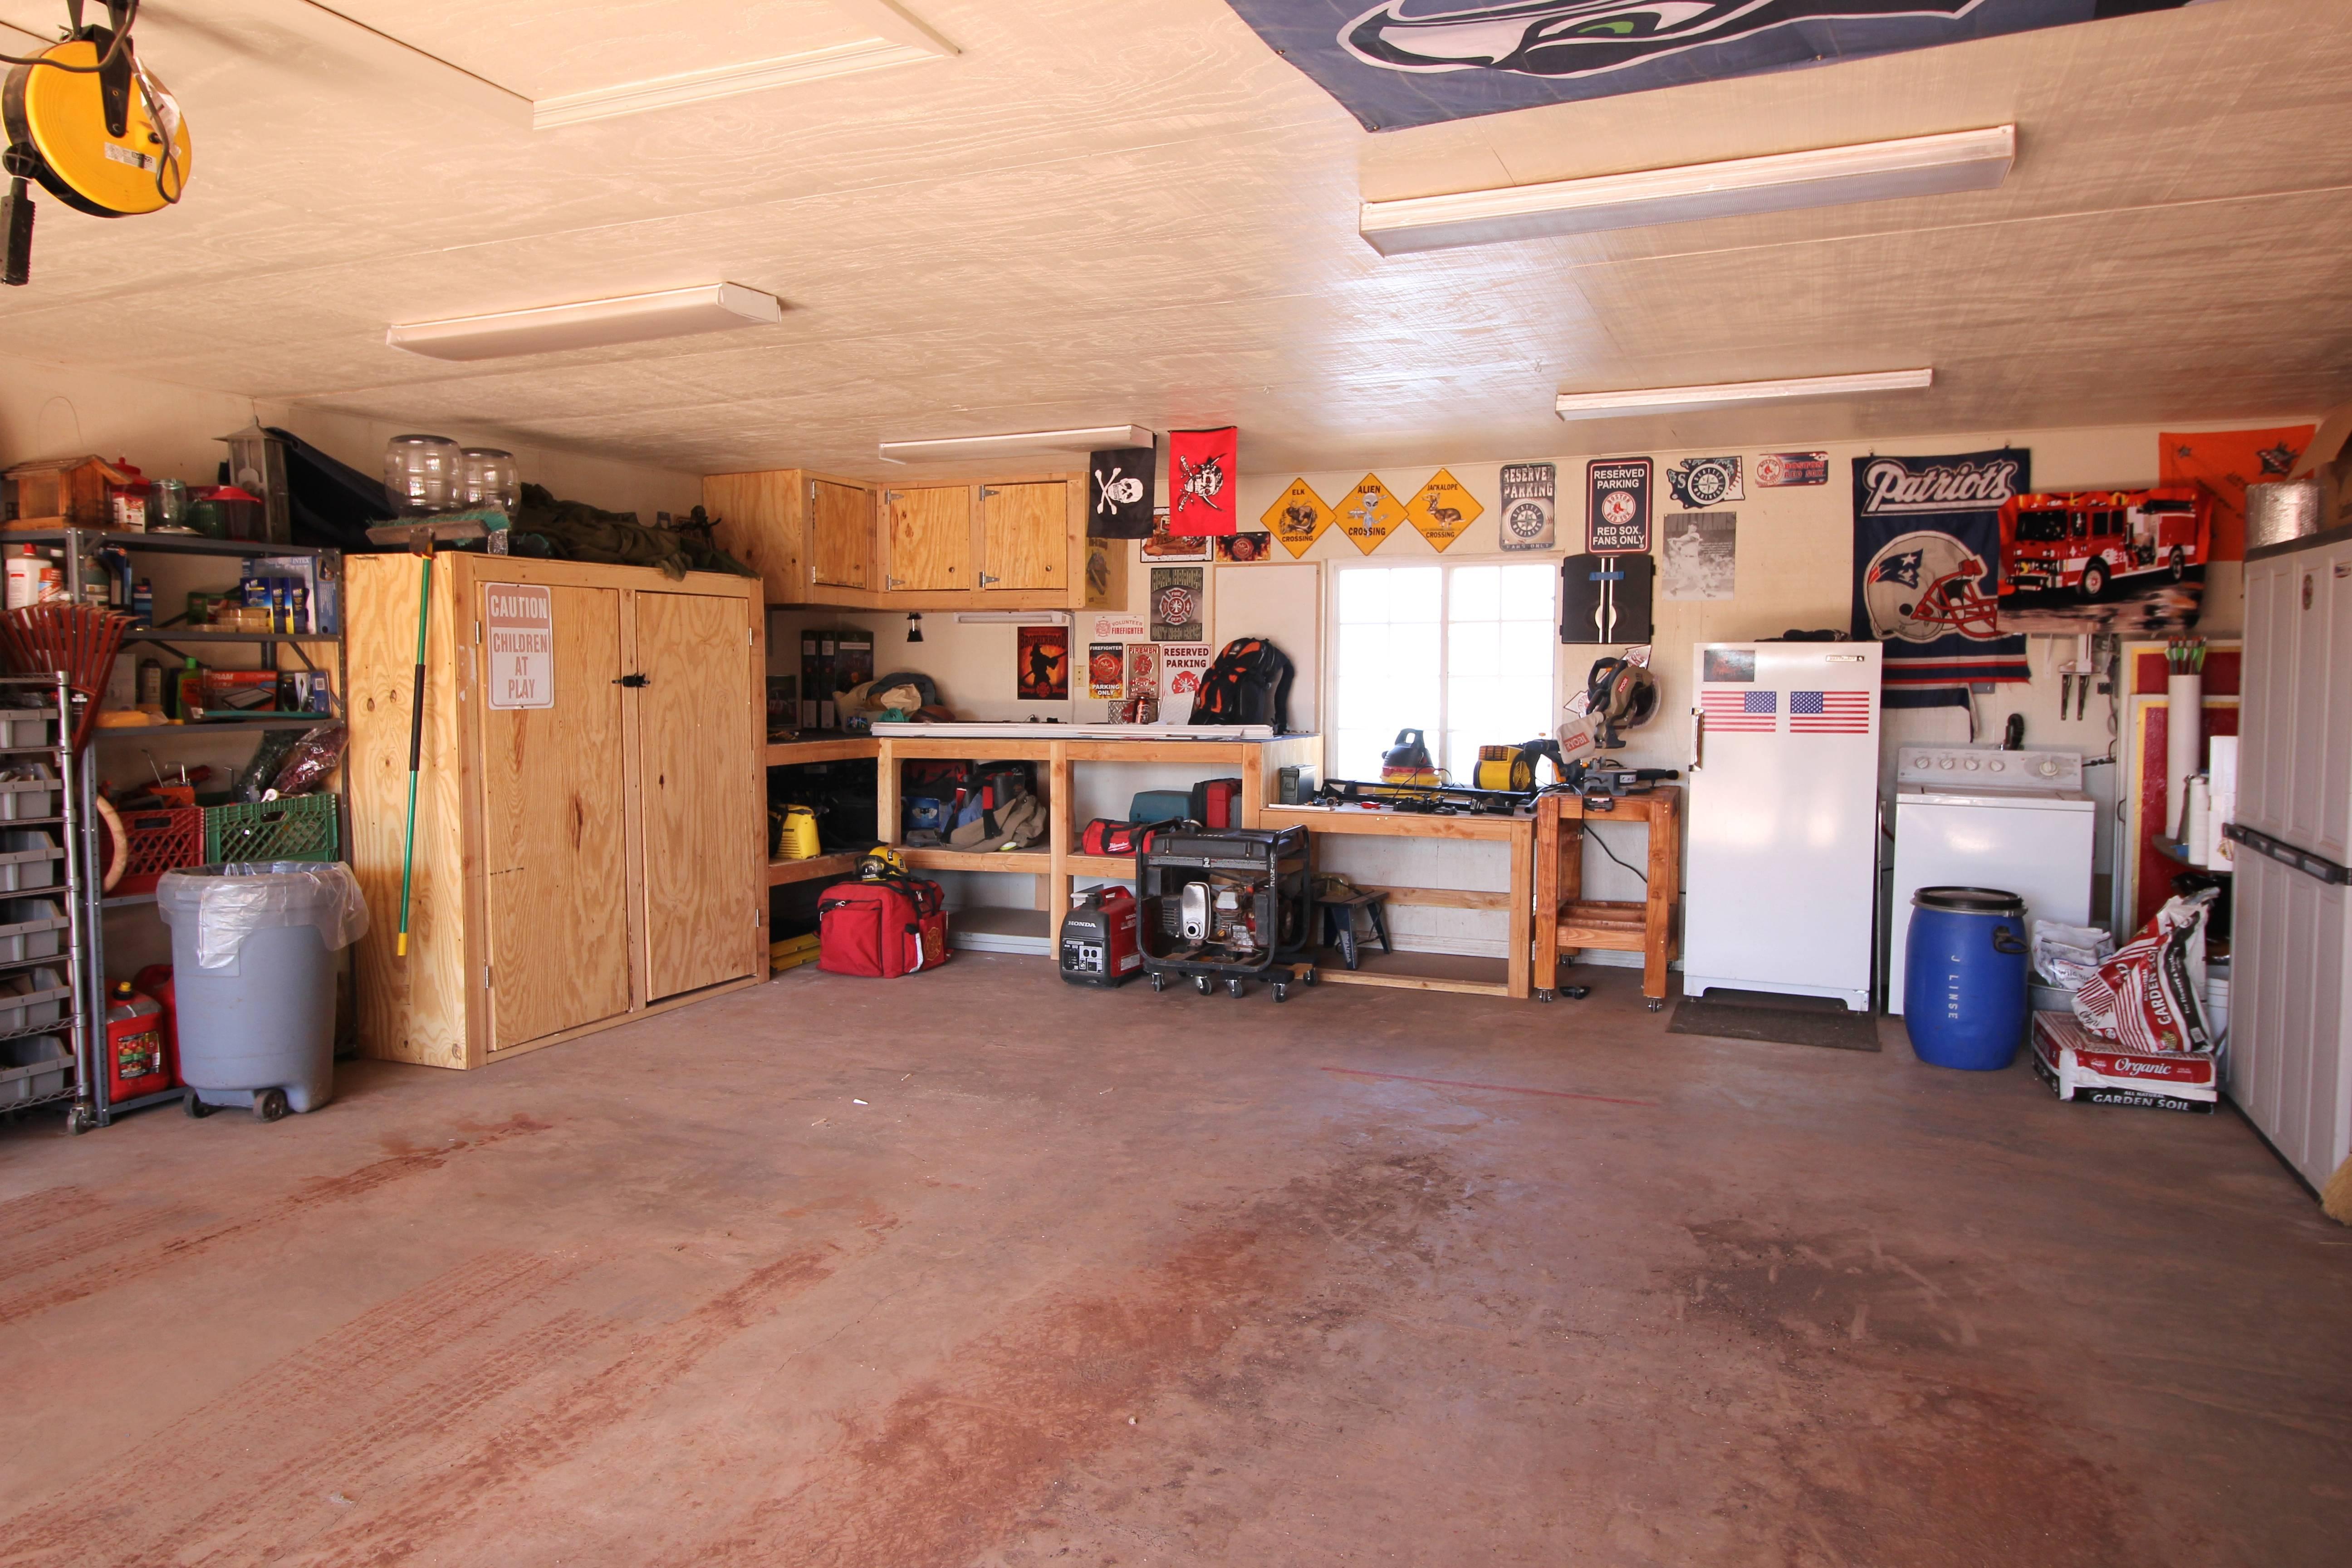 3 Bedroom Split Floor Plan Home in Williams with 2 Car Garage   Now For  Sale. 3 Bedroom Split Floor Plan Home in Williams with 2 Car